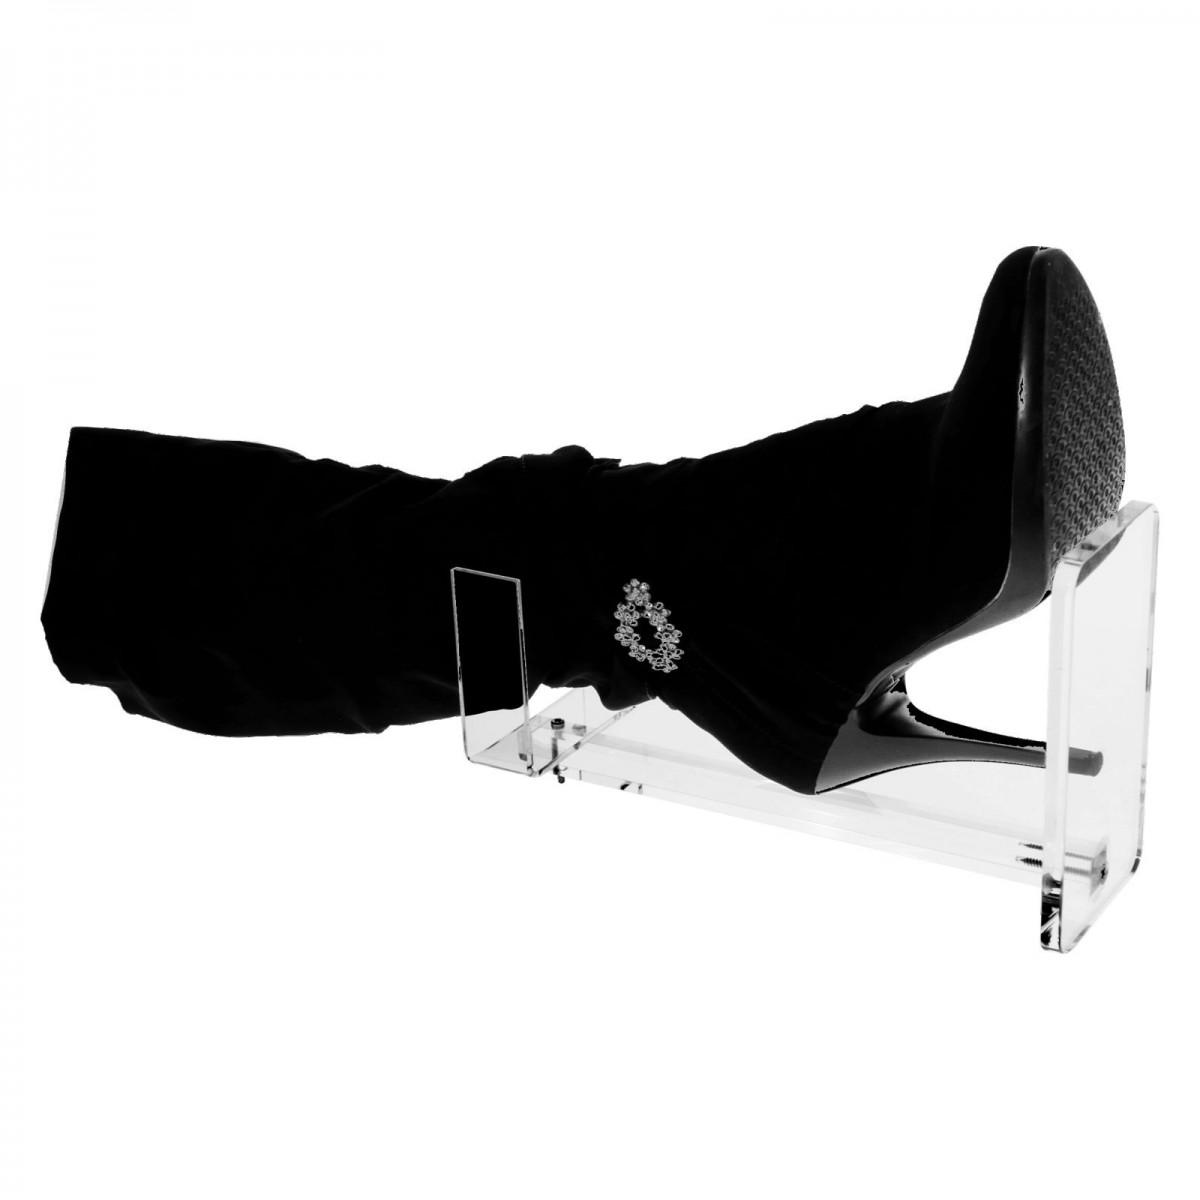 E-157 ESP - Espositore porta stivali in plexiglass trasparente - Misure: 8x15x H30 cm